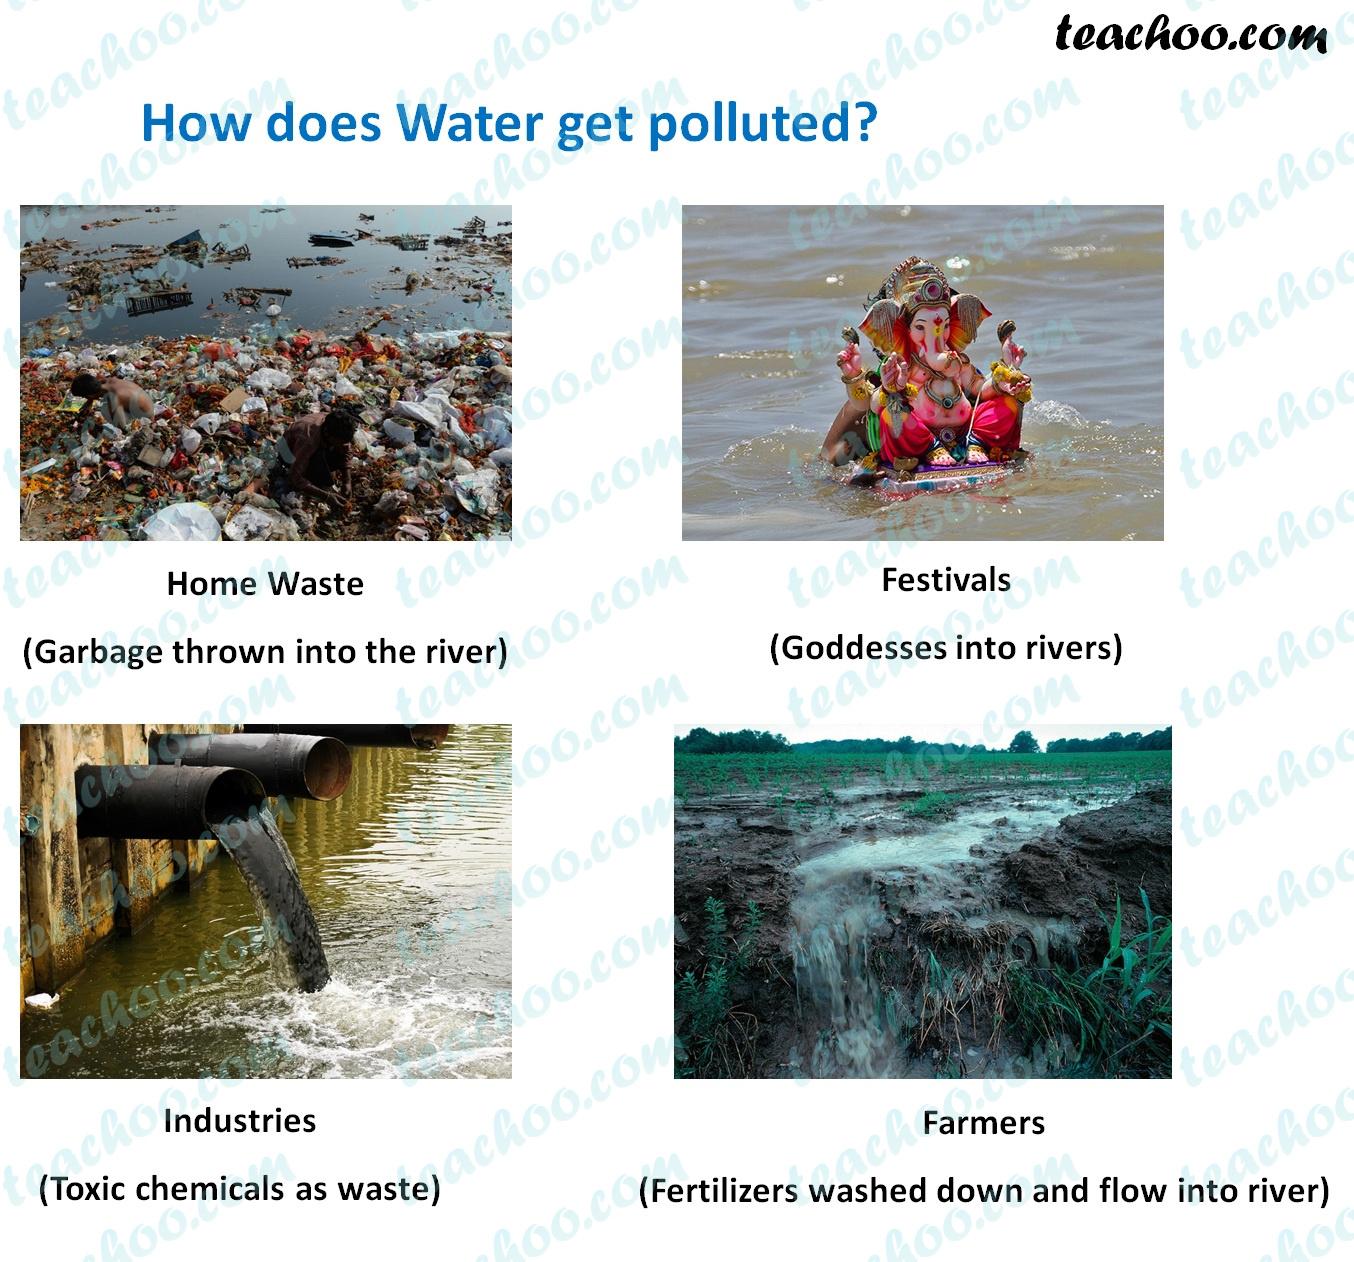 how-does-water-get-polluted---teachoo.jpg